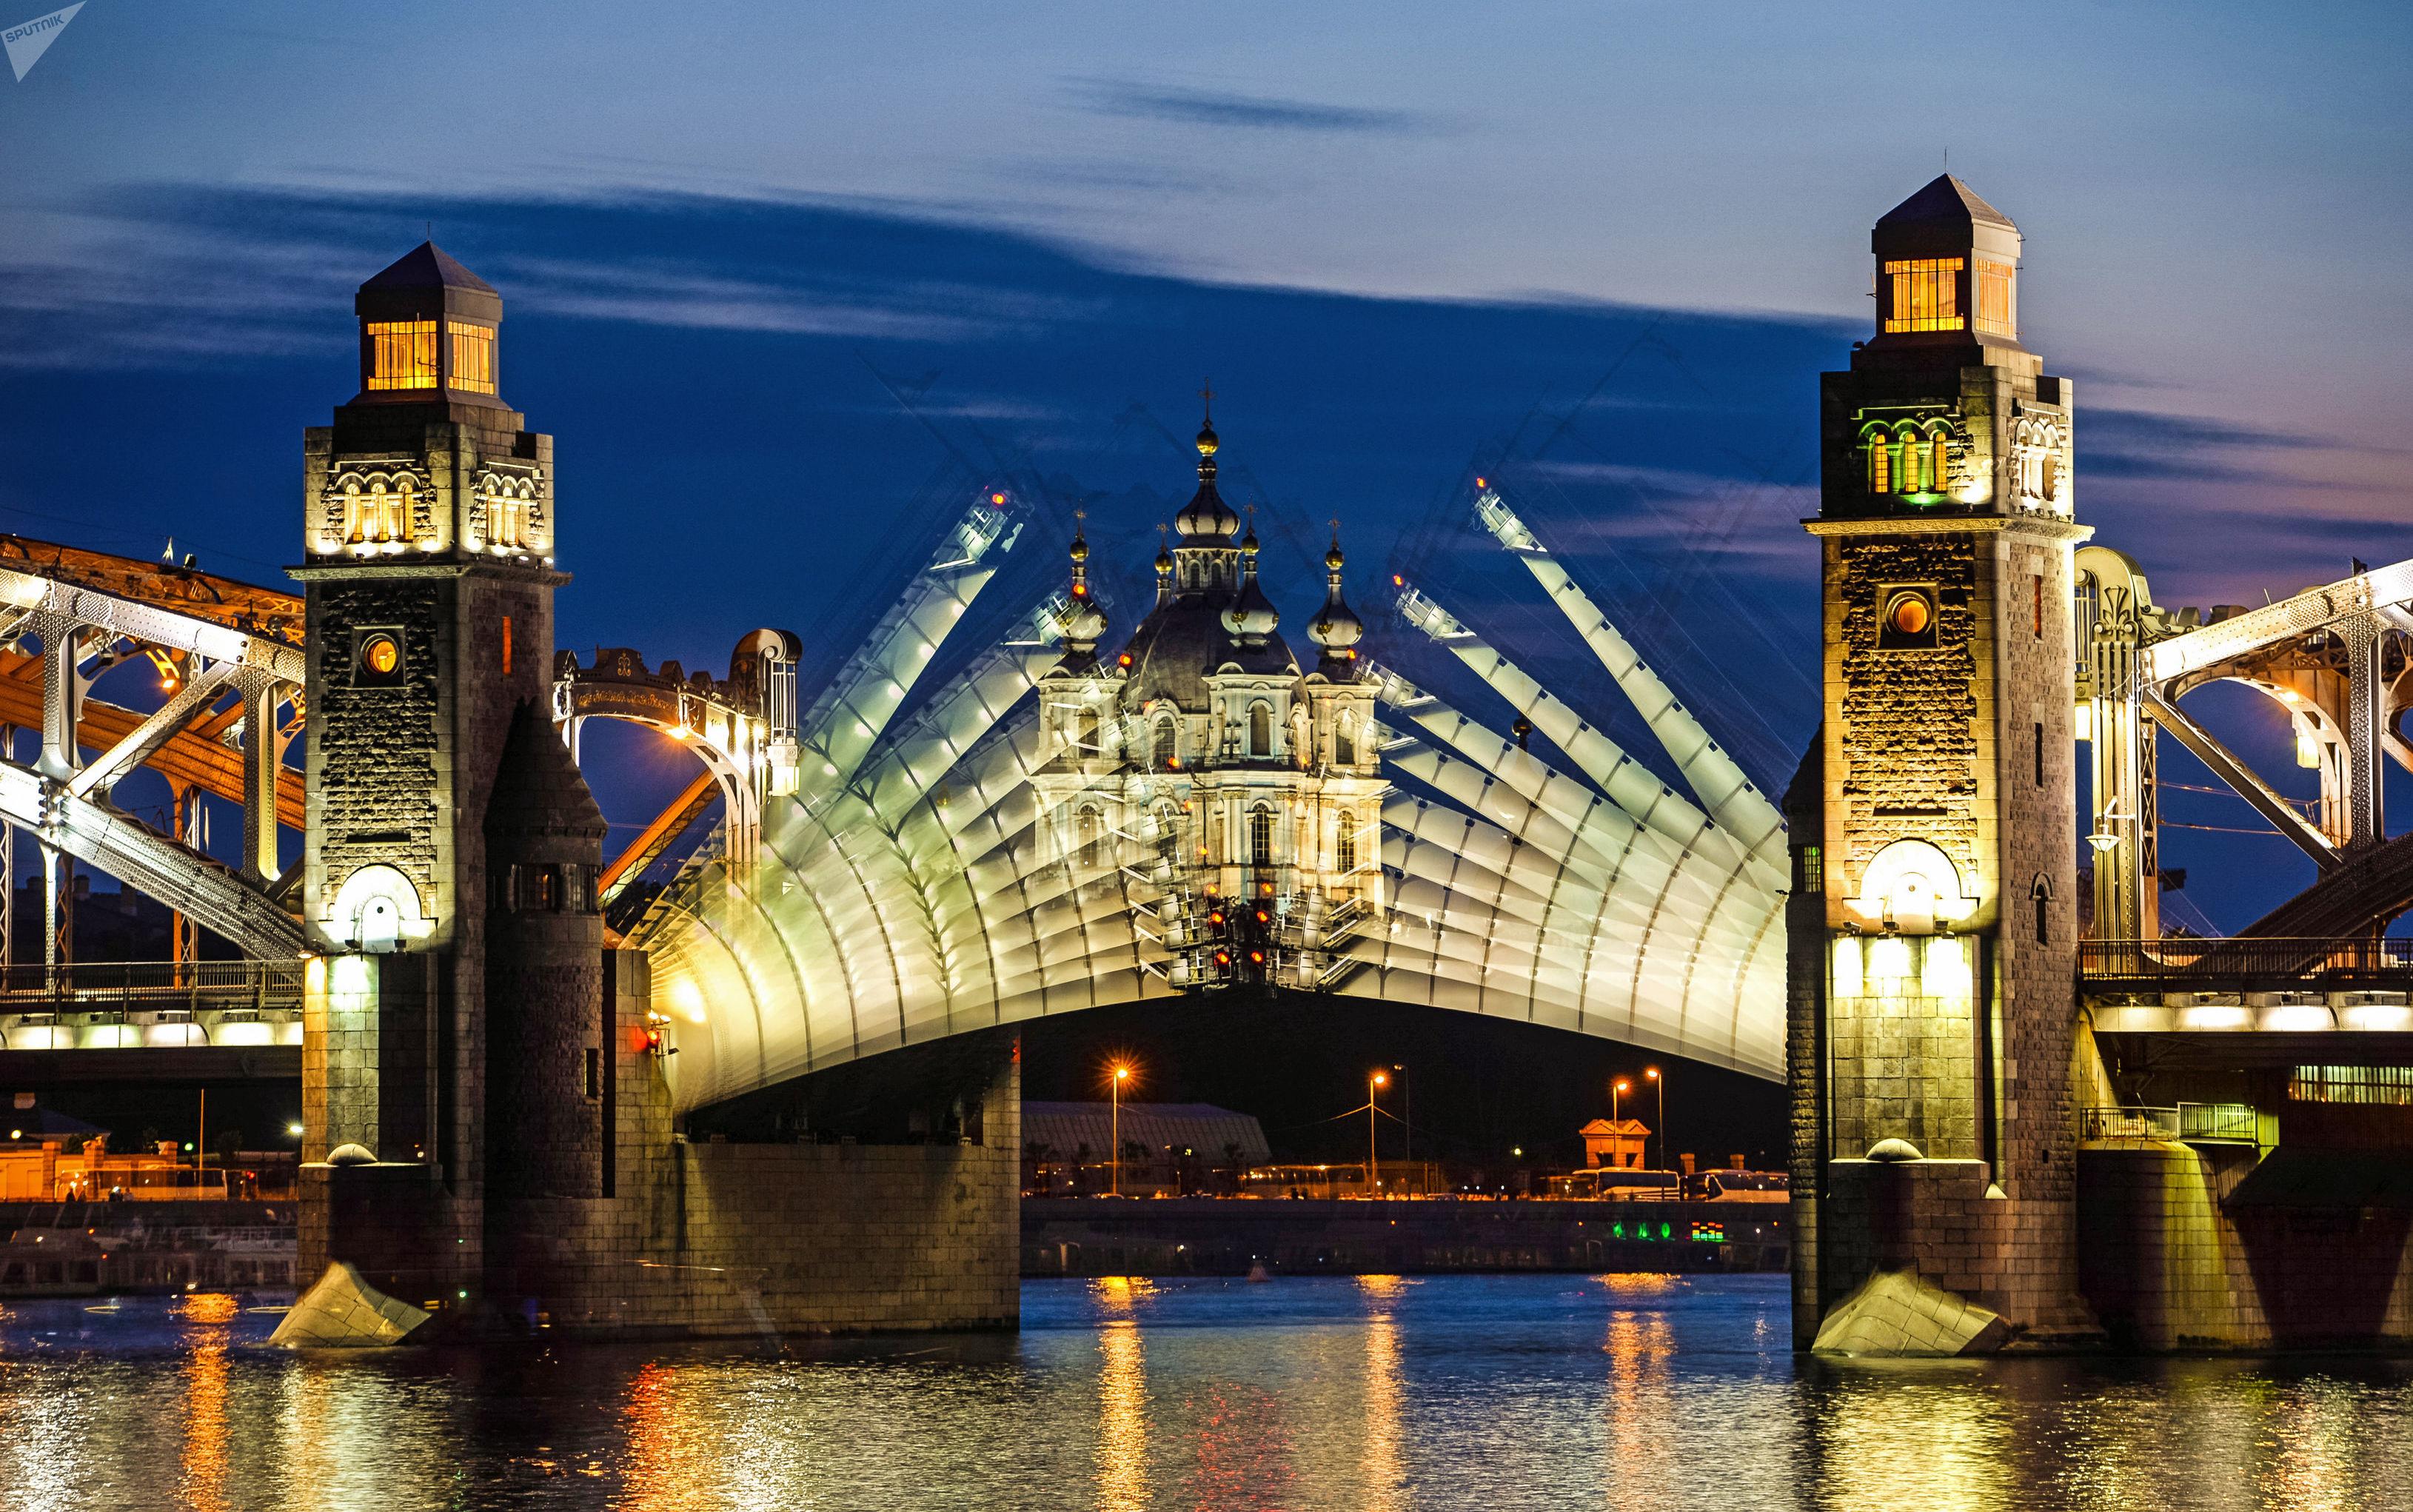 La apertura del puente Pedro el Grande en San Petersburgo